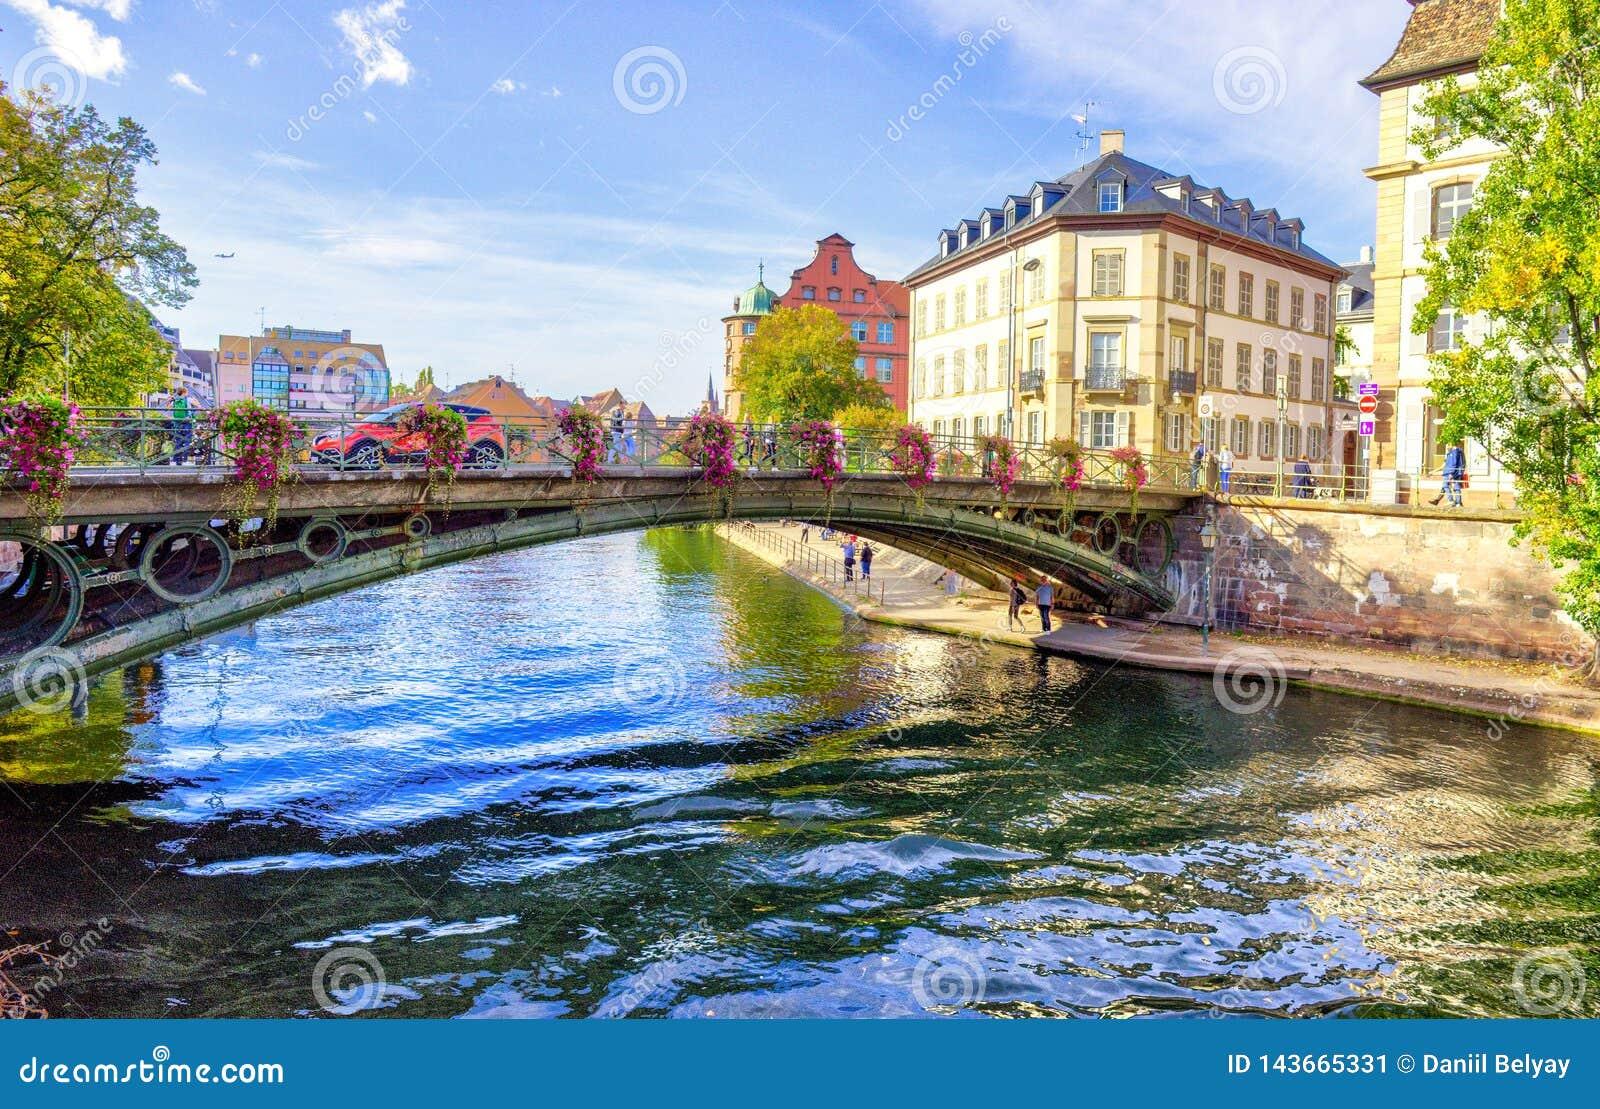 Poco La Petite France, un cuarto histórico de Francia de la ciudad de Estrasburgo en Francia del este